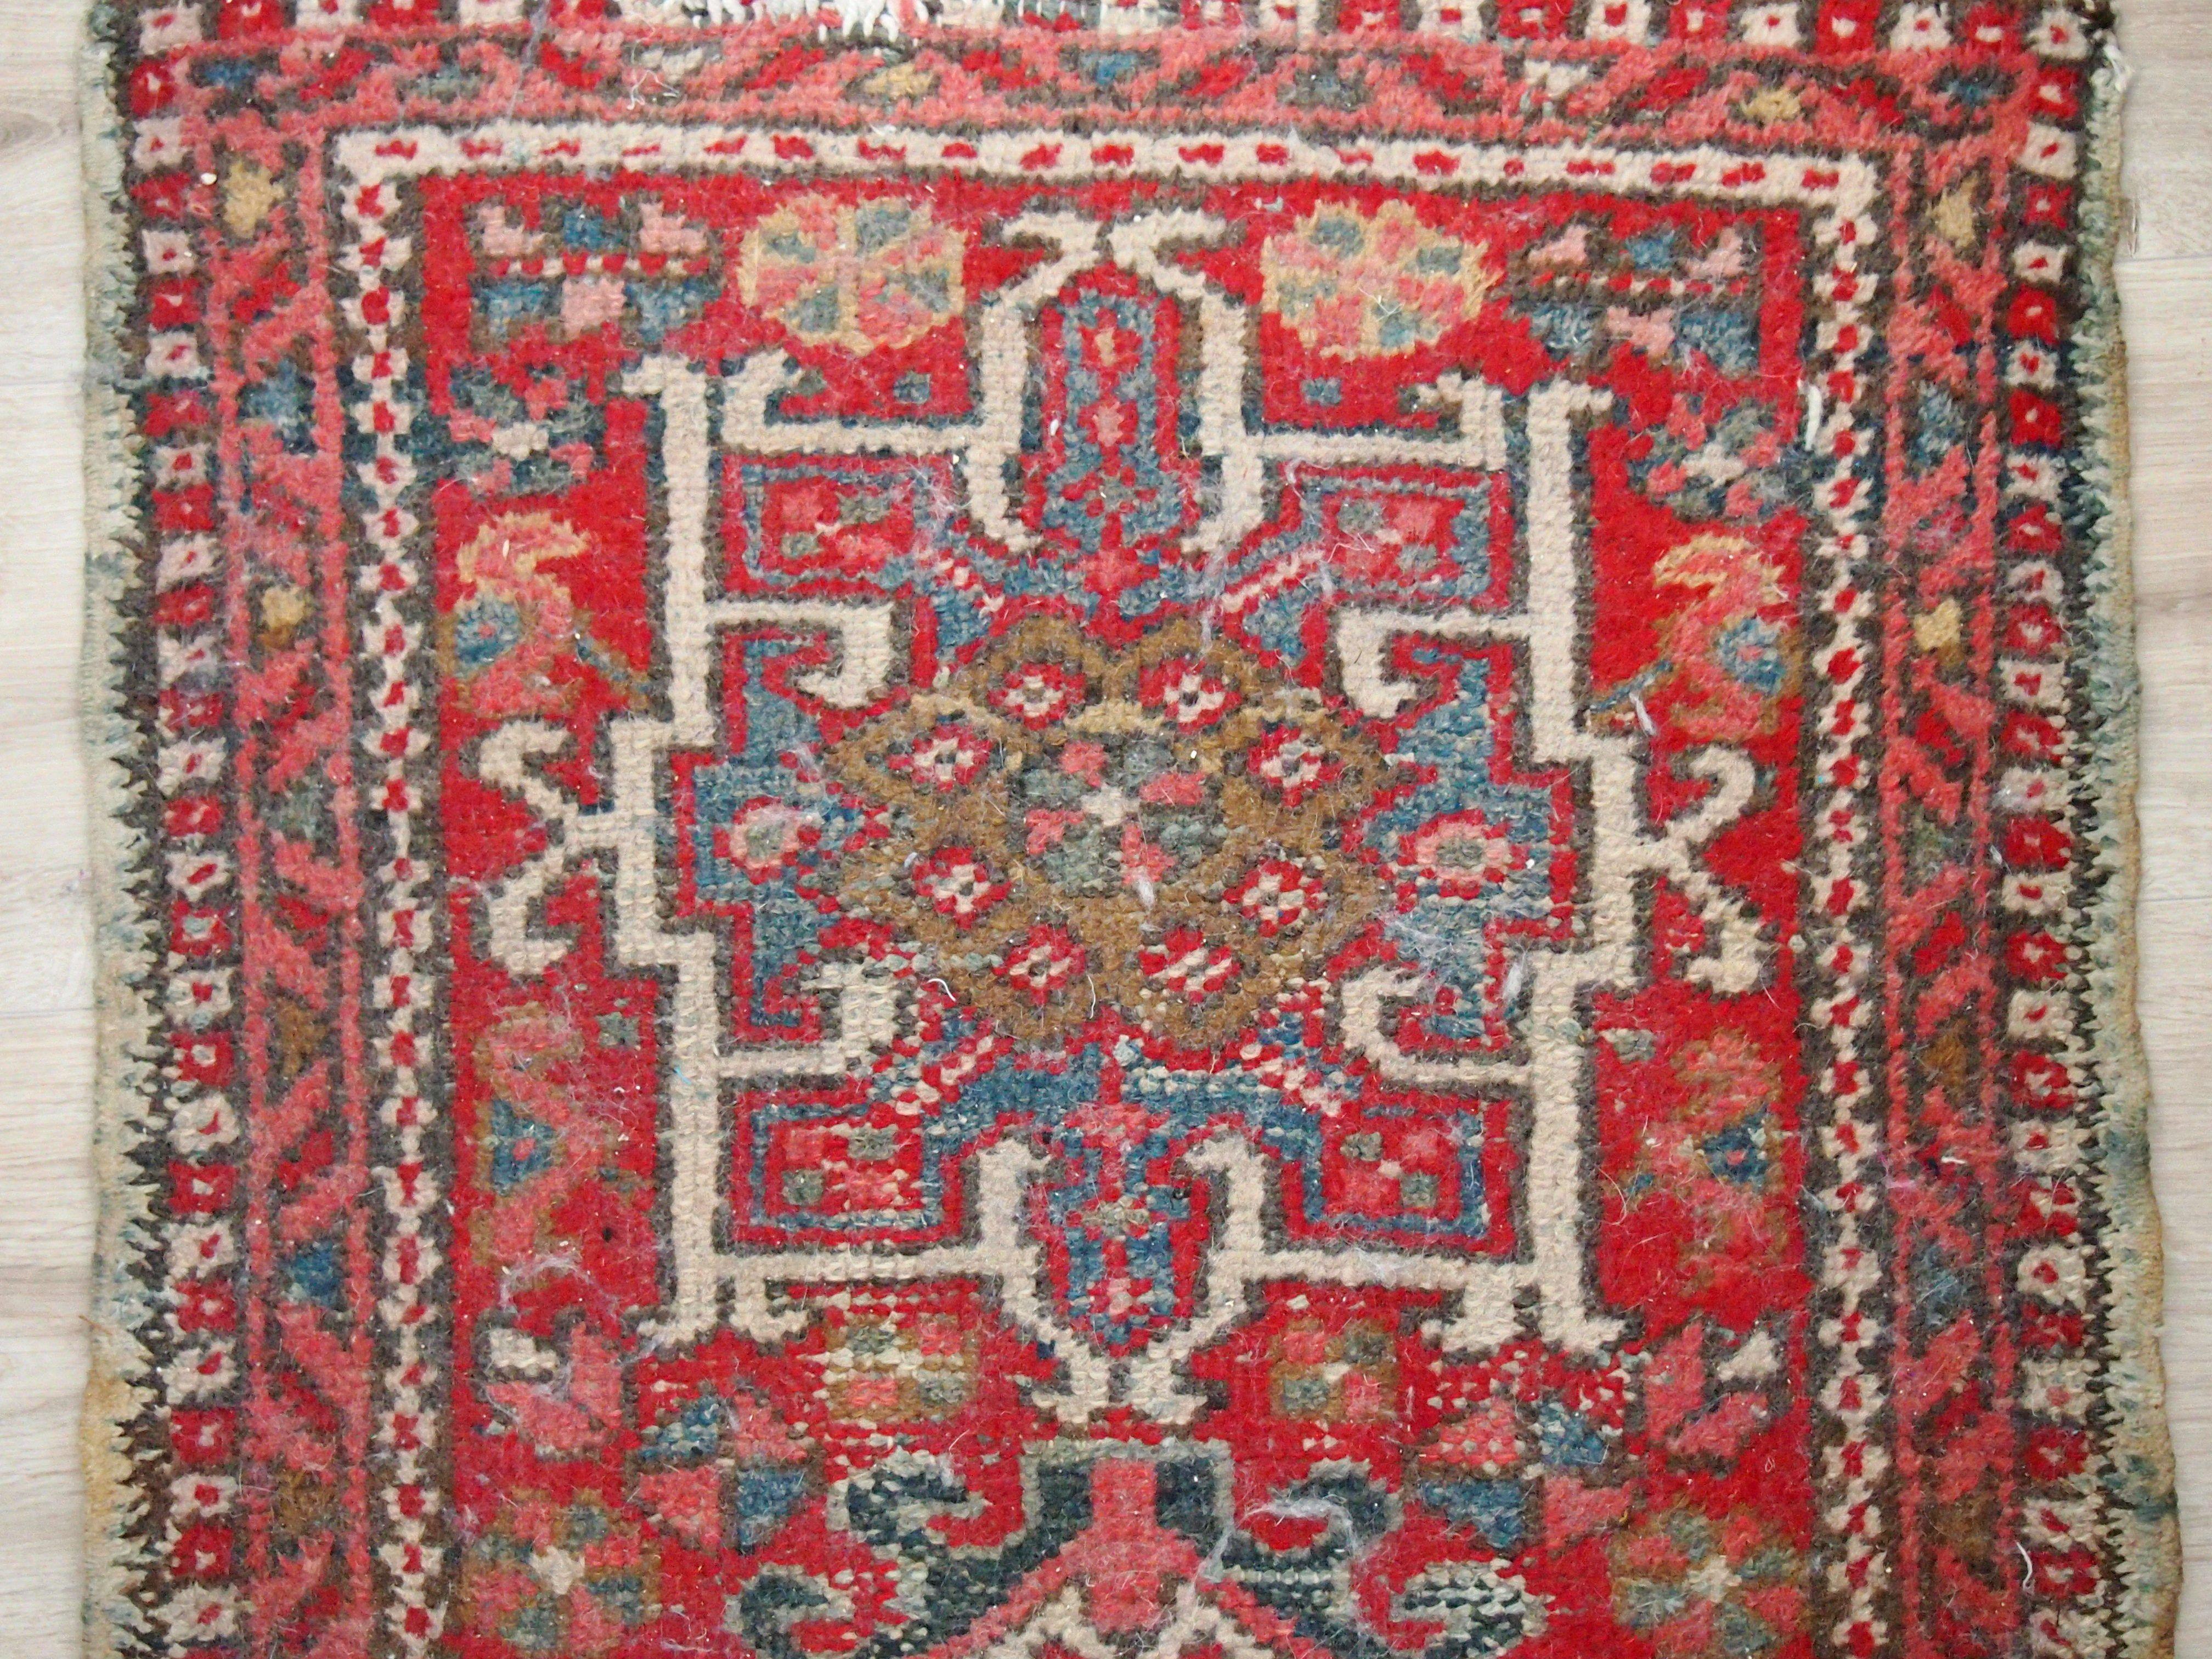 Perzisch Tapijt Tweedehands : Perzisch tapijt interieur pinterest